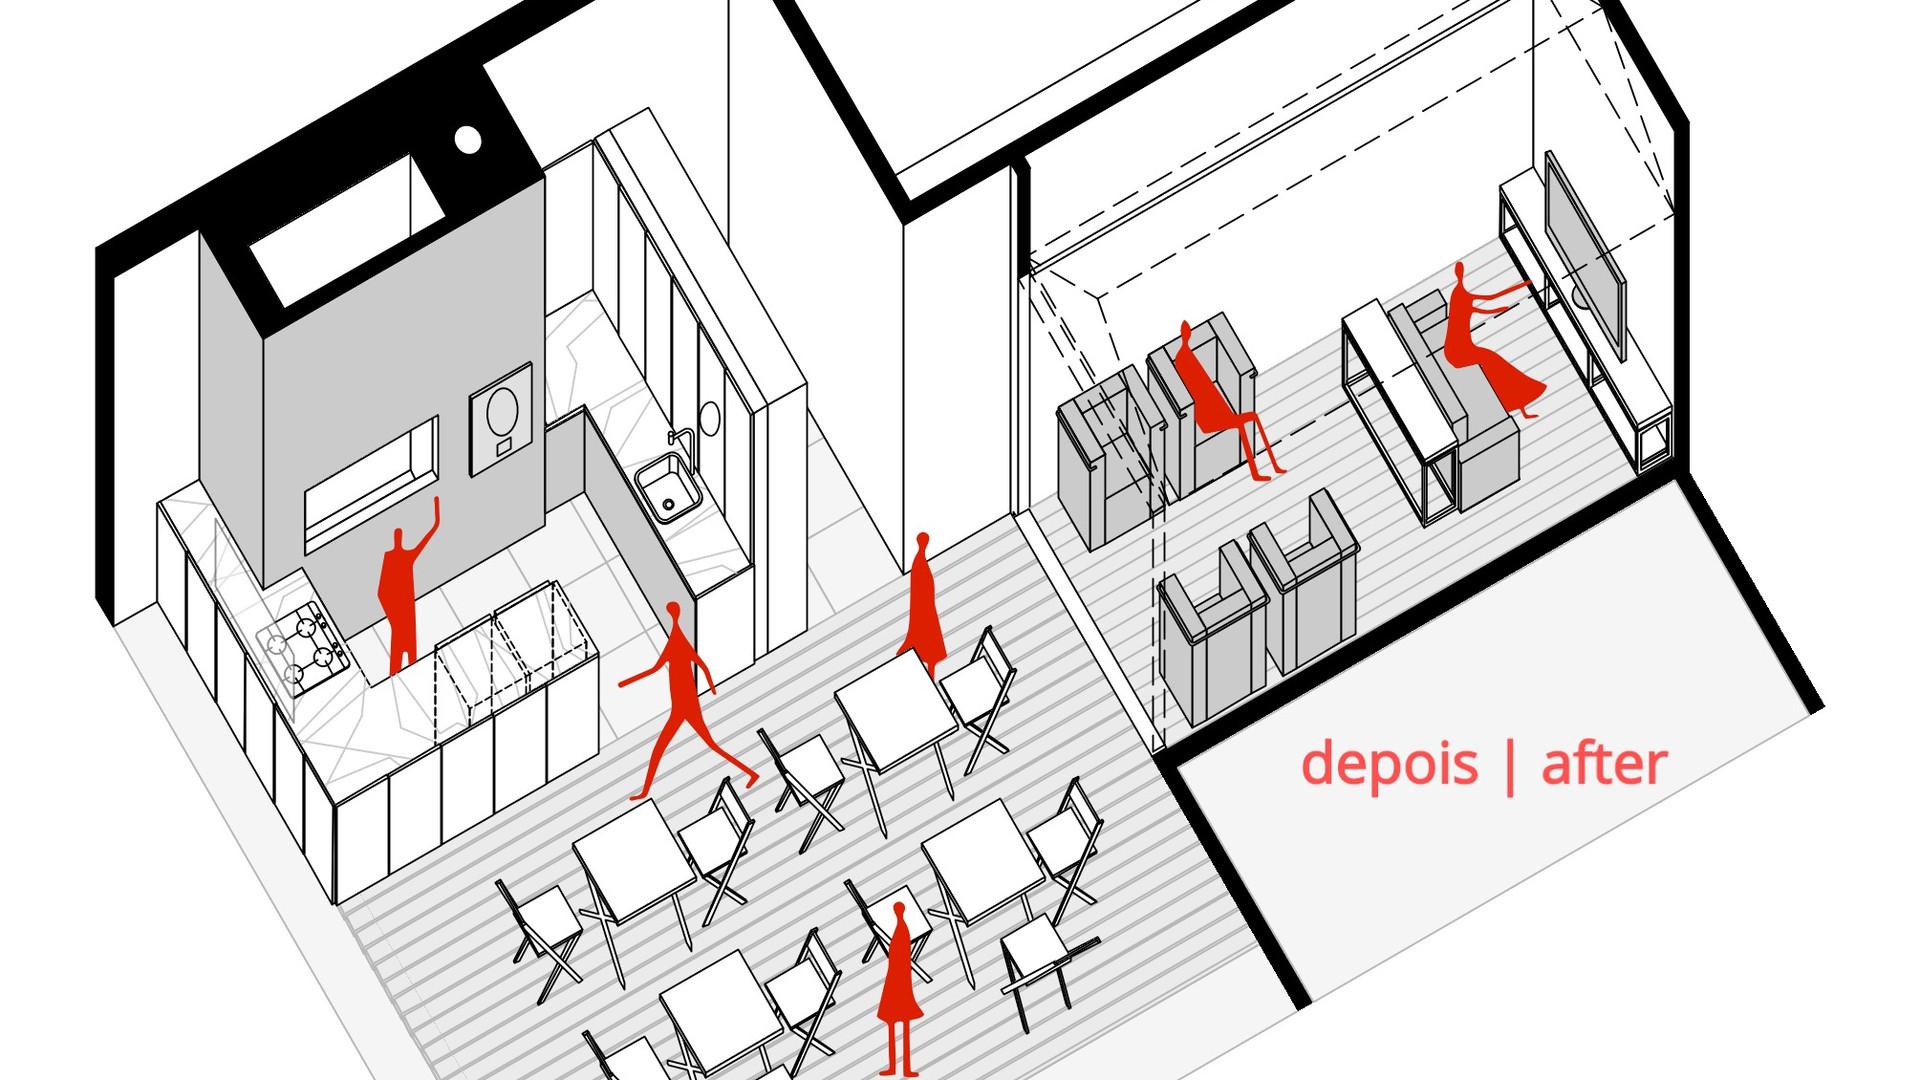 Espaço Descompressão - YVA Arquitetura depois